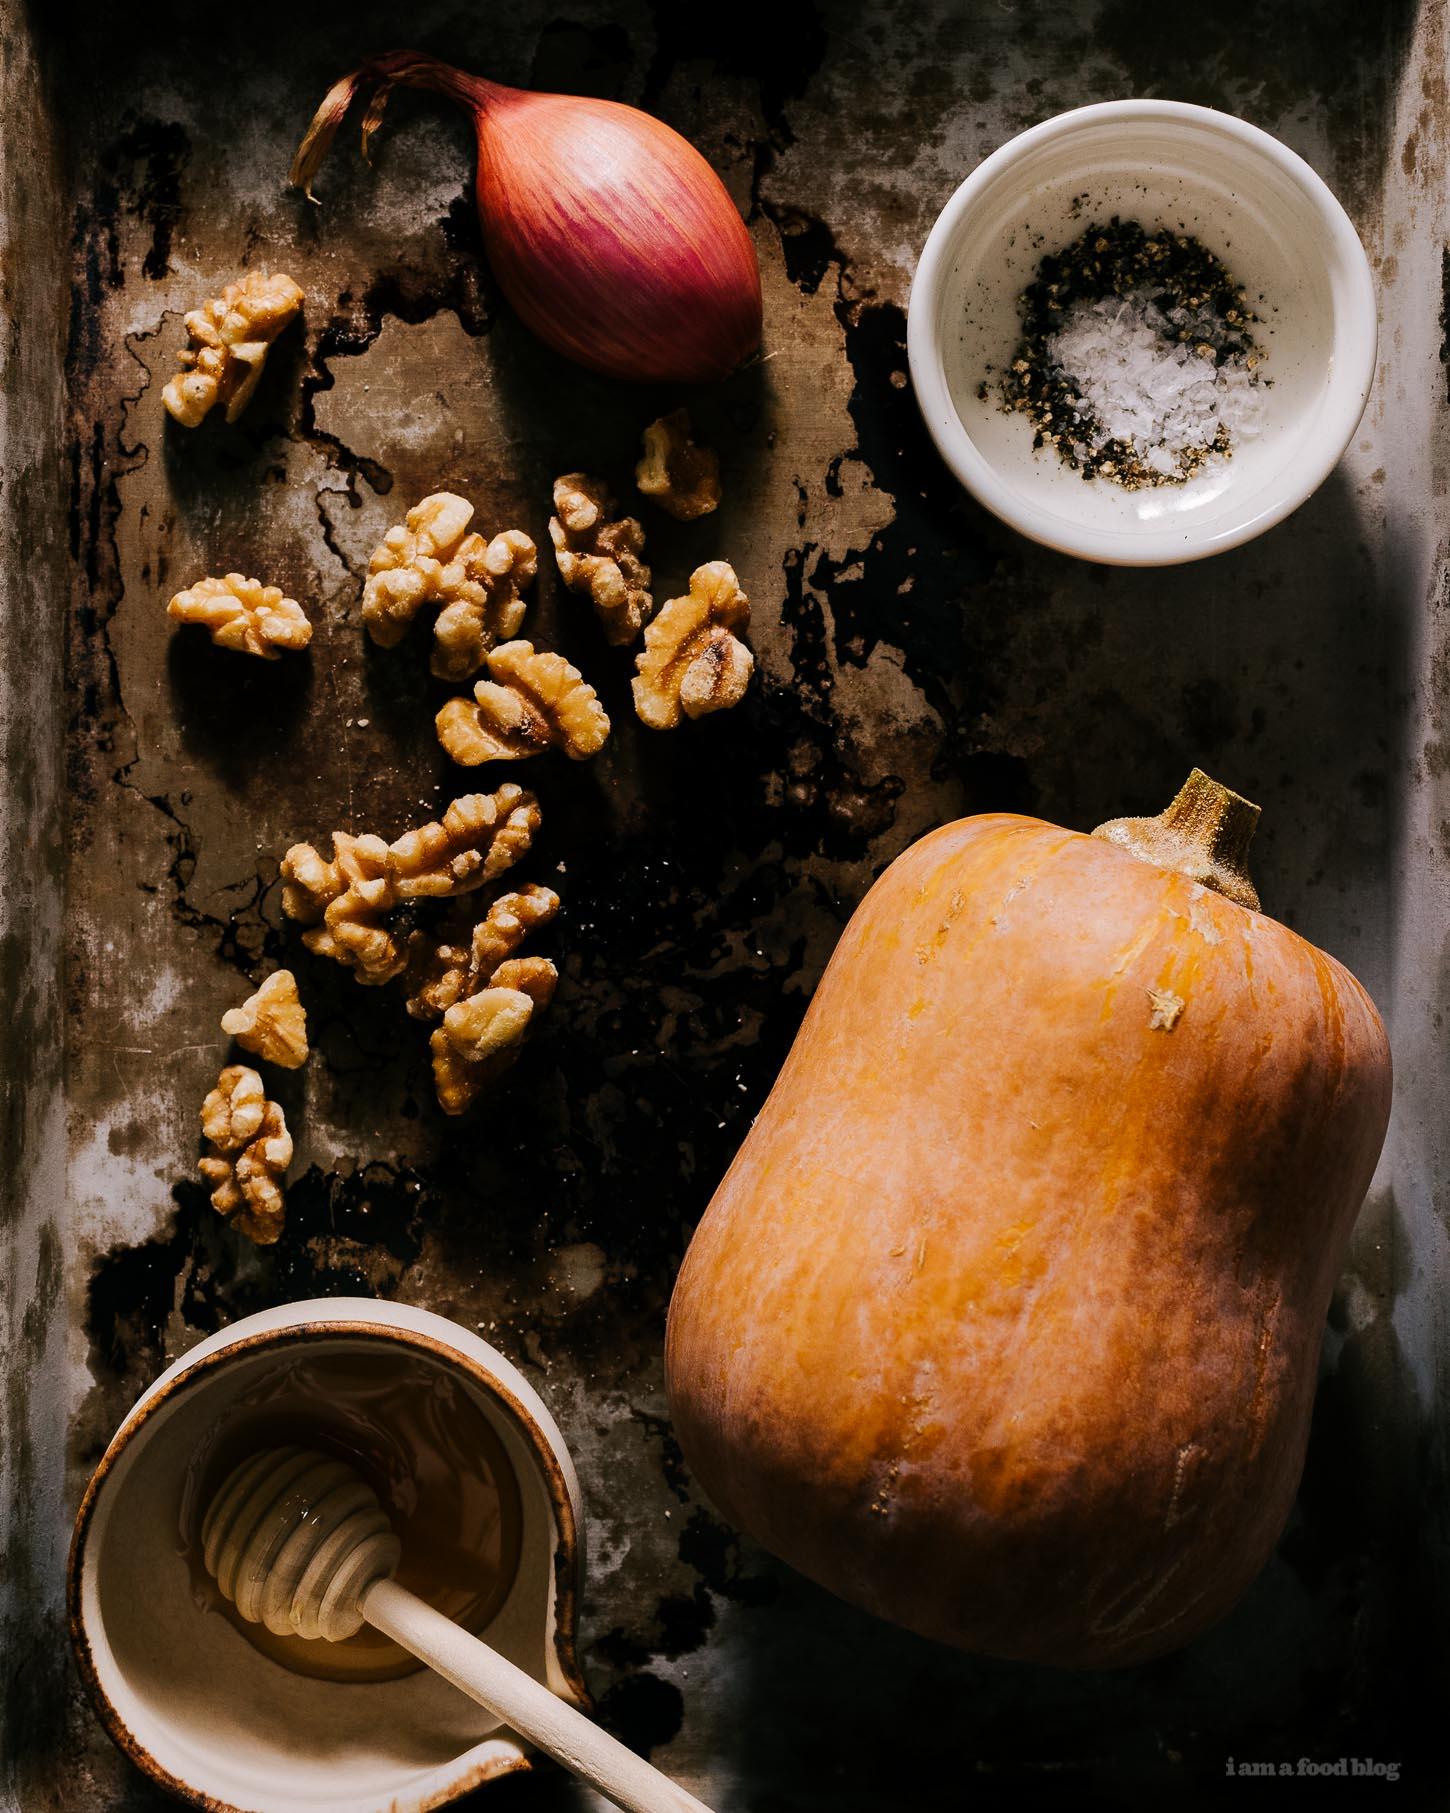 honeynut squash with honeyed walnuts | i am a food blog